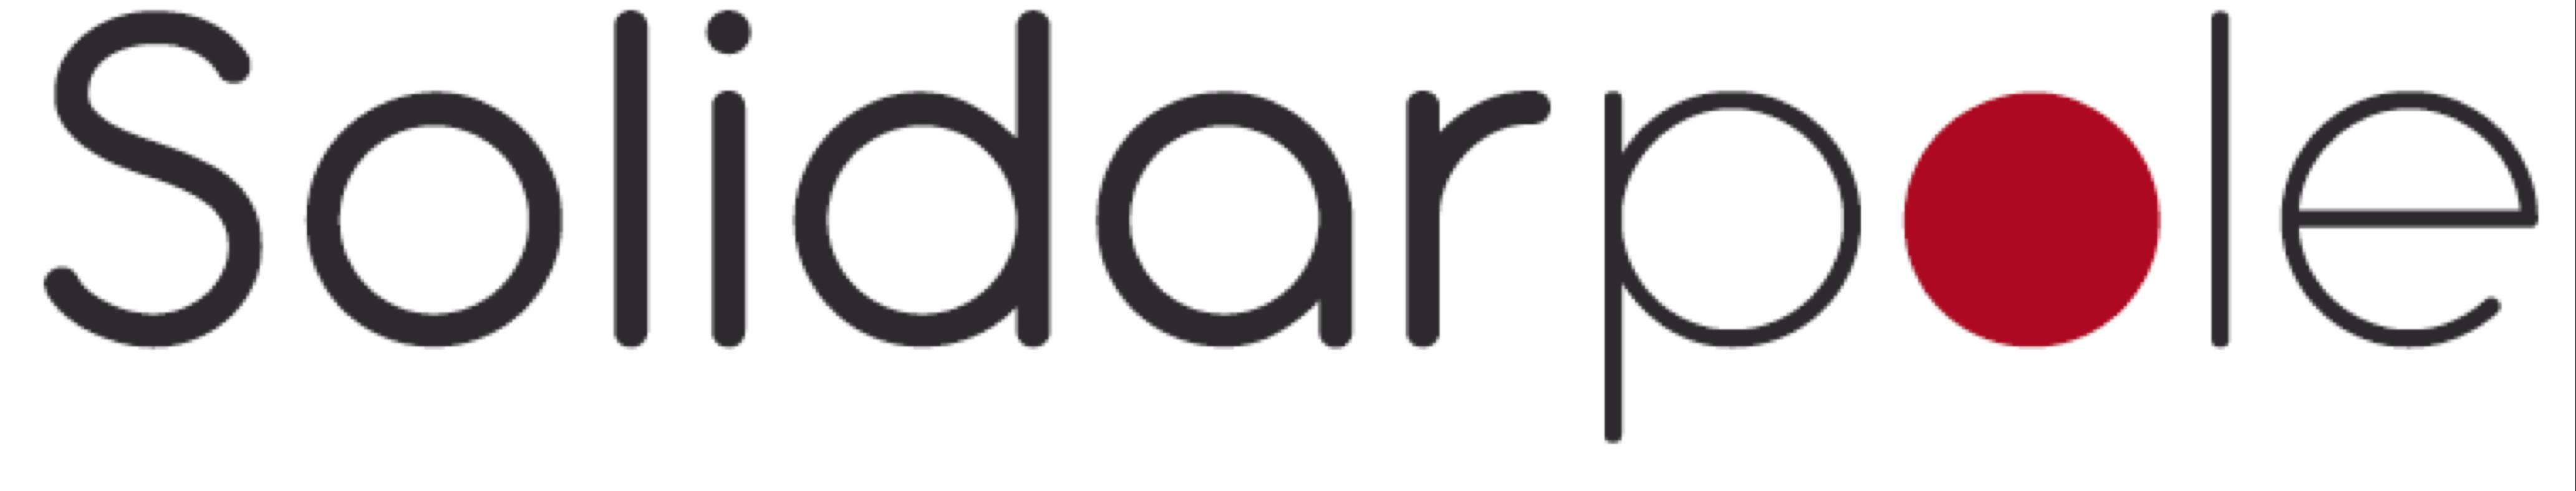 Solidarpole